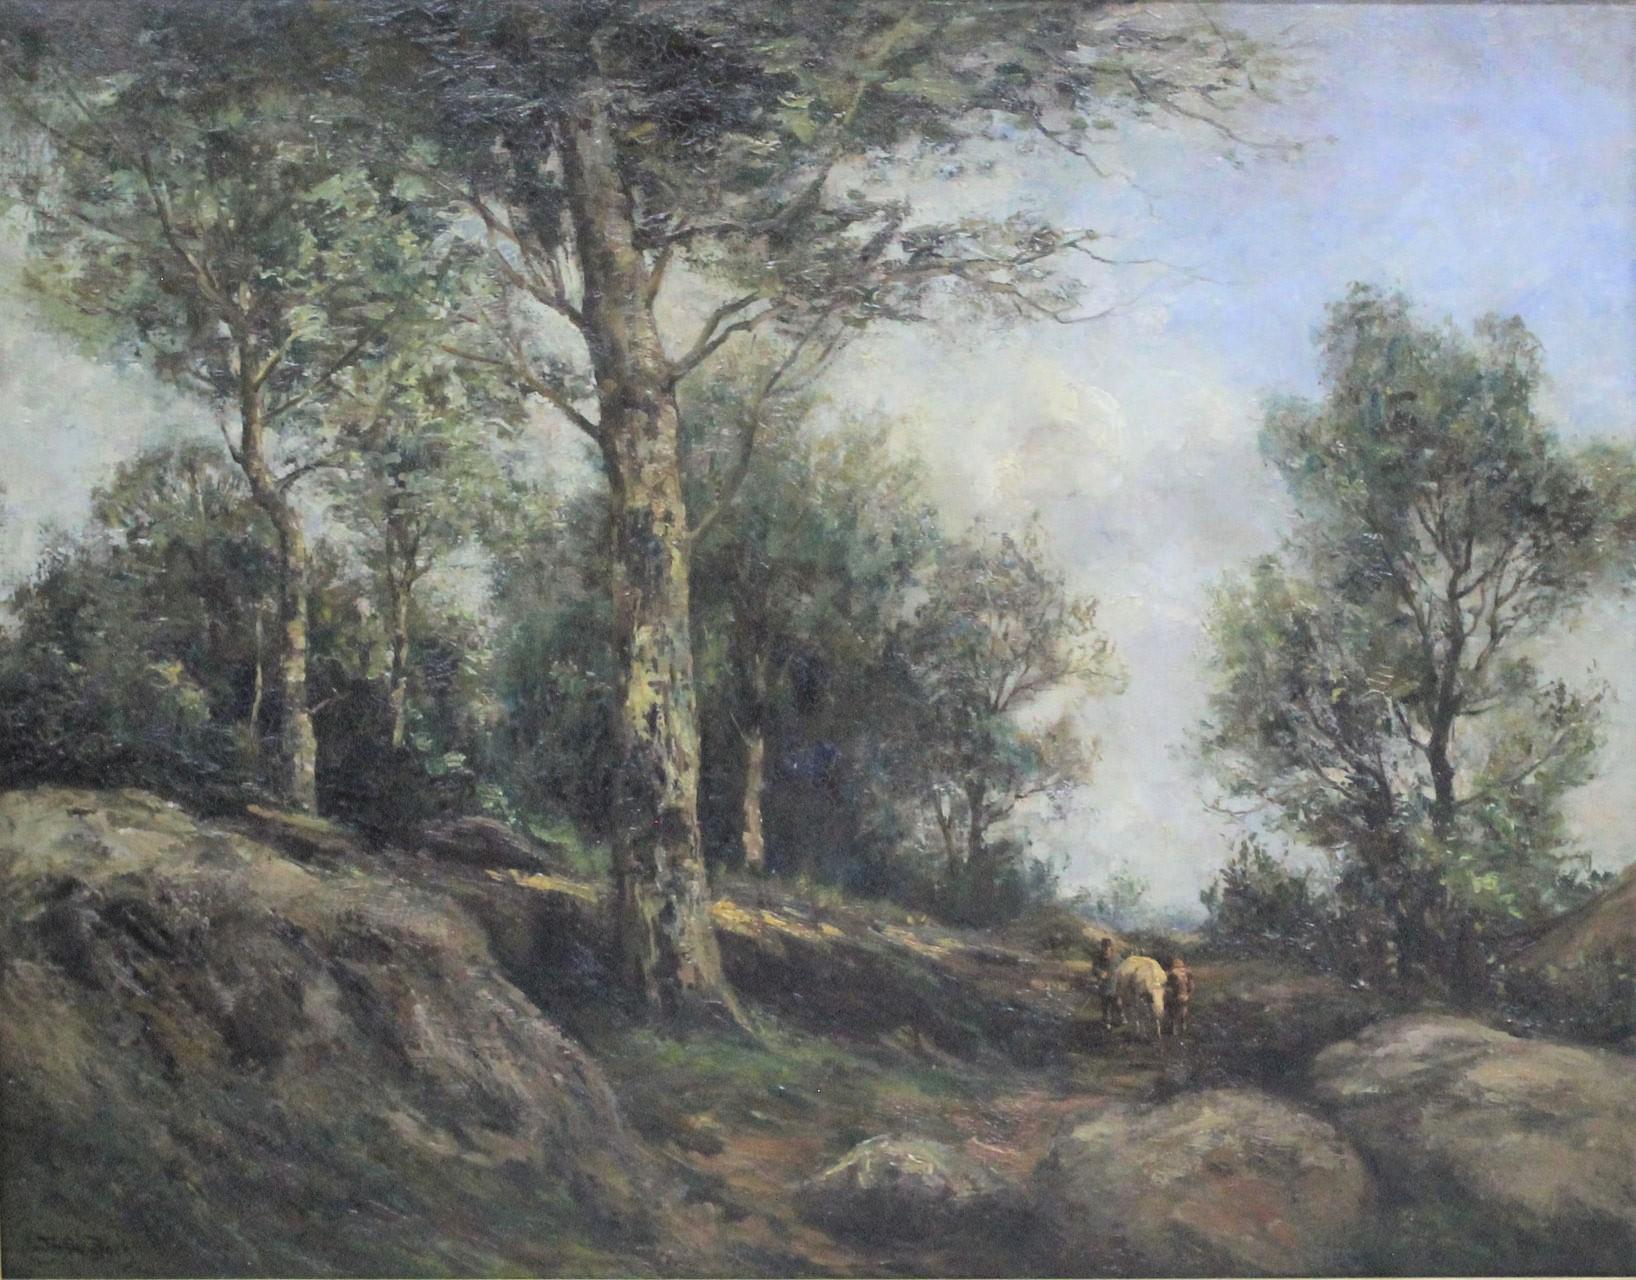 te_koop_aangeboden_een_landschaps_schilderij_van_de_haagse_school_kunstschilder_theophile_emile_achille_de_bock_1851-1904